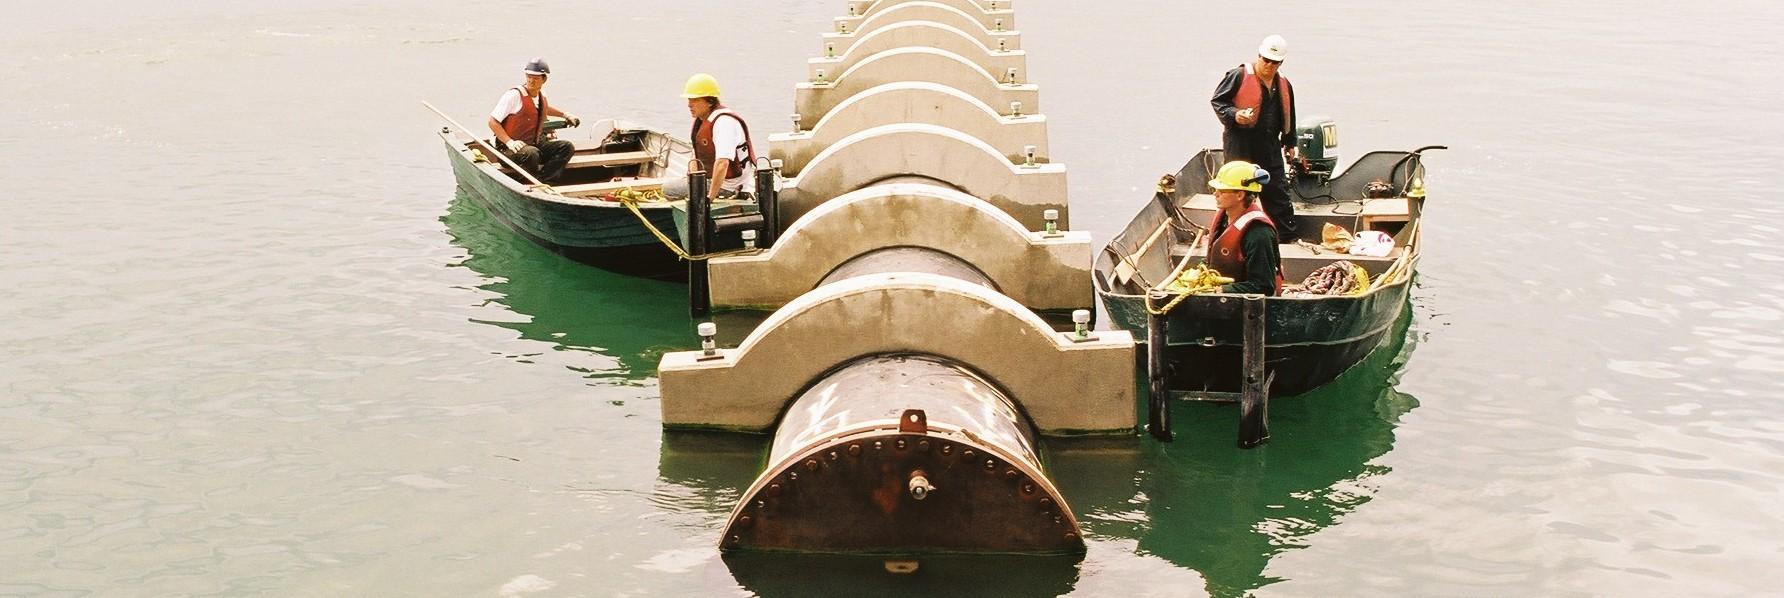 Enwave Cooling Water Intakes